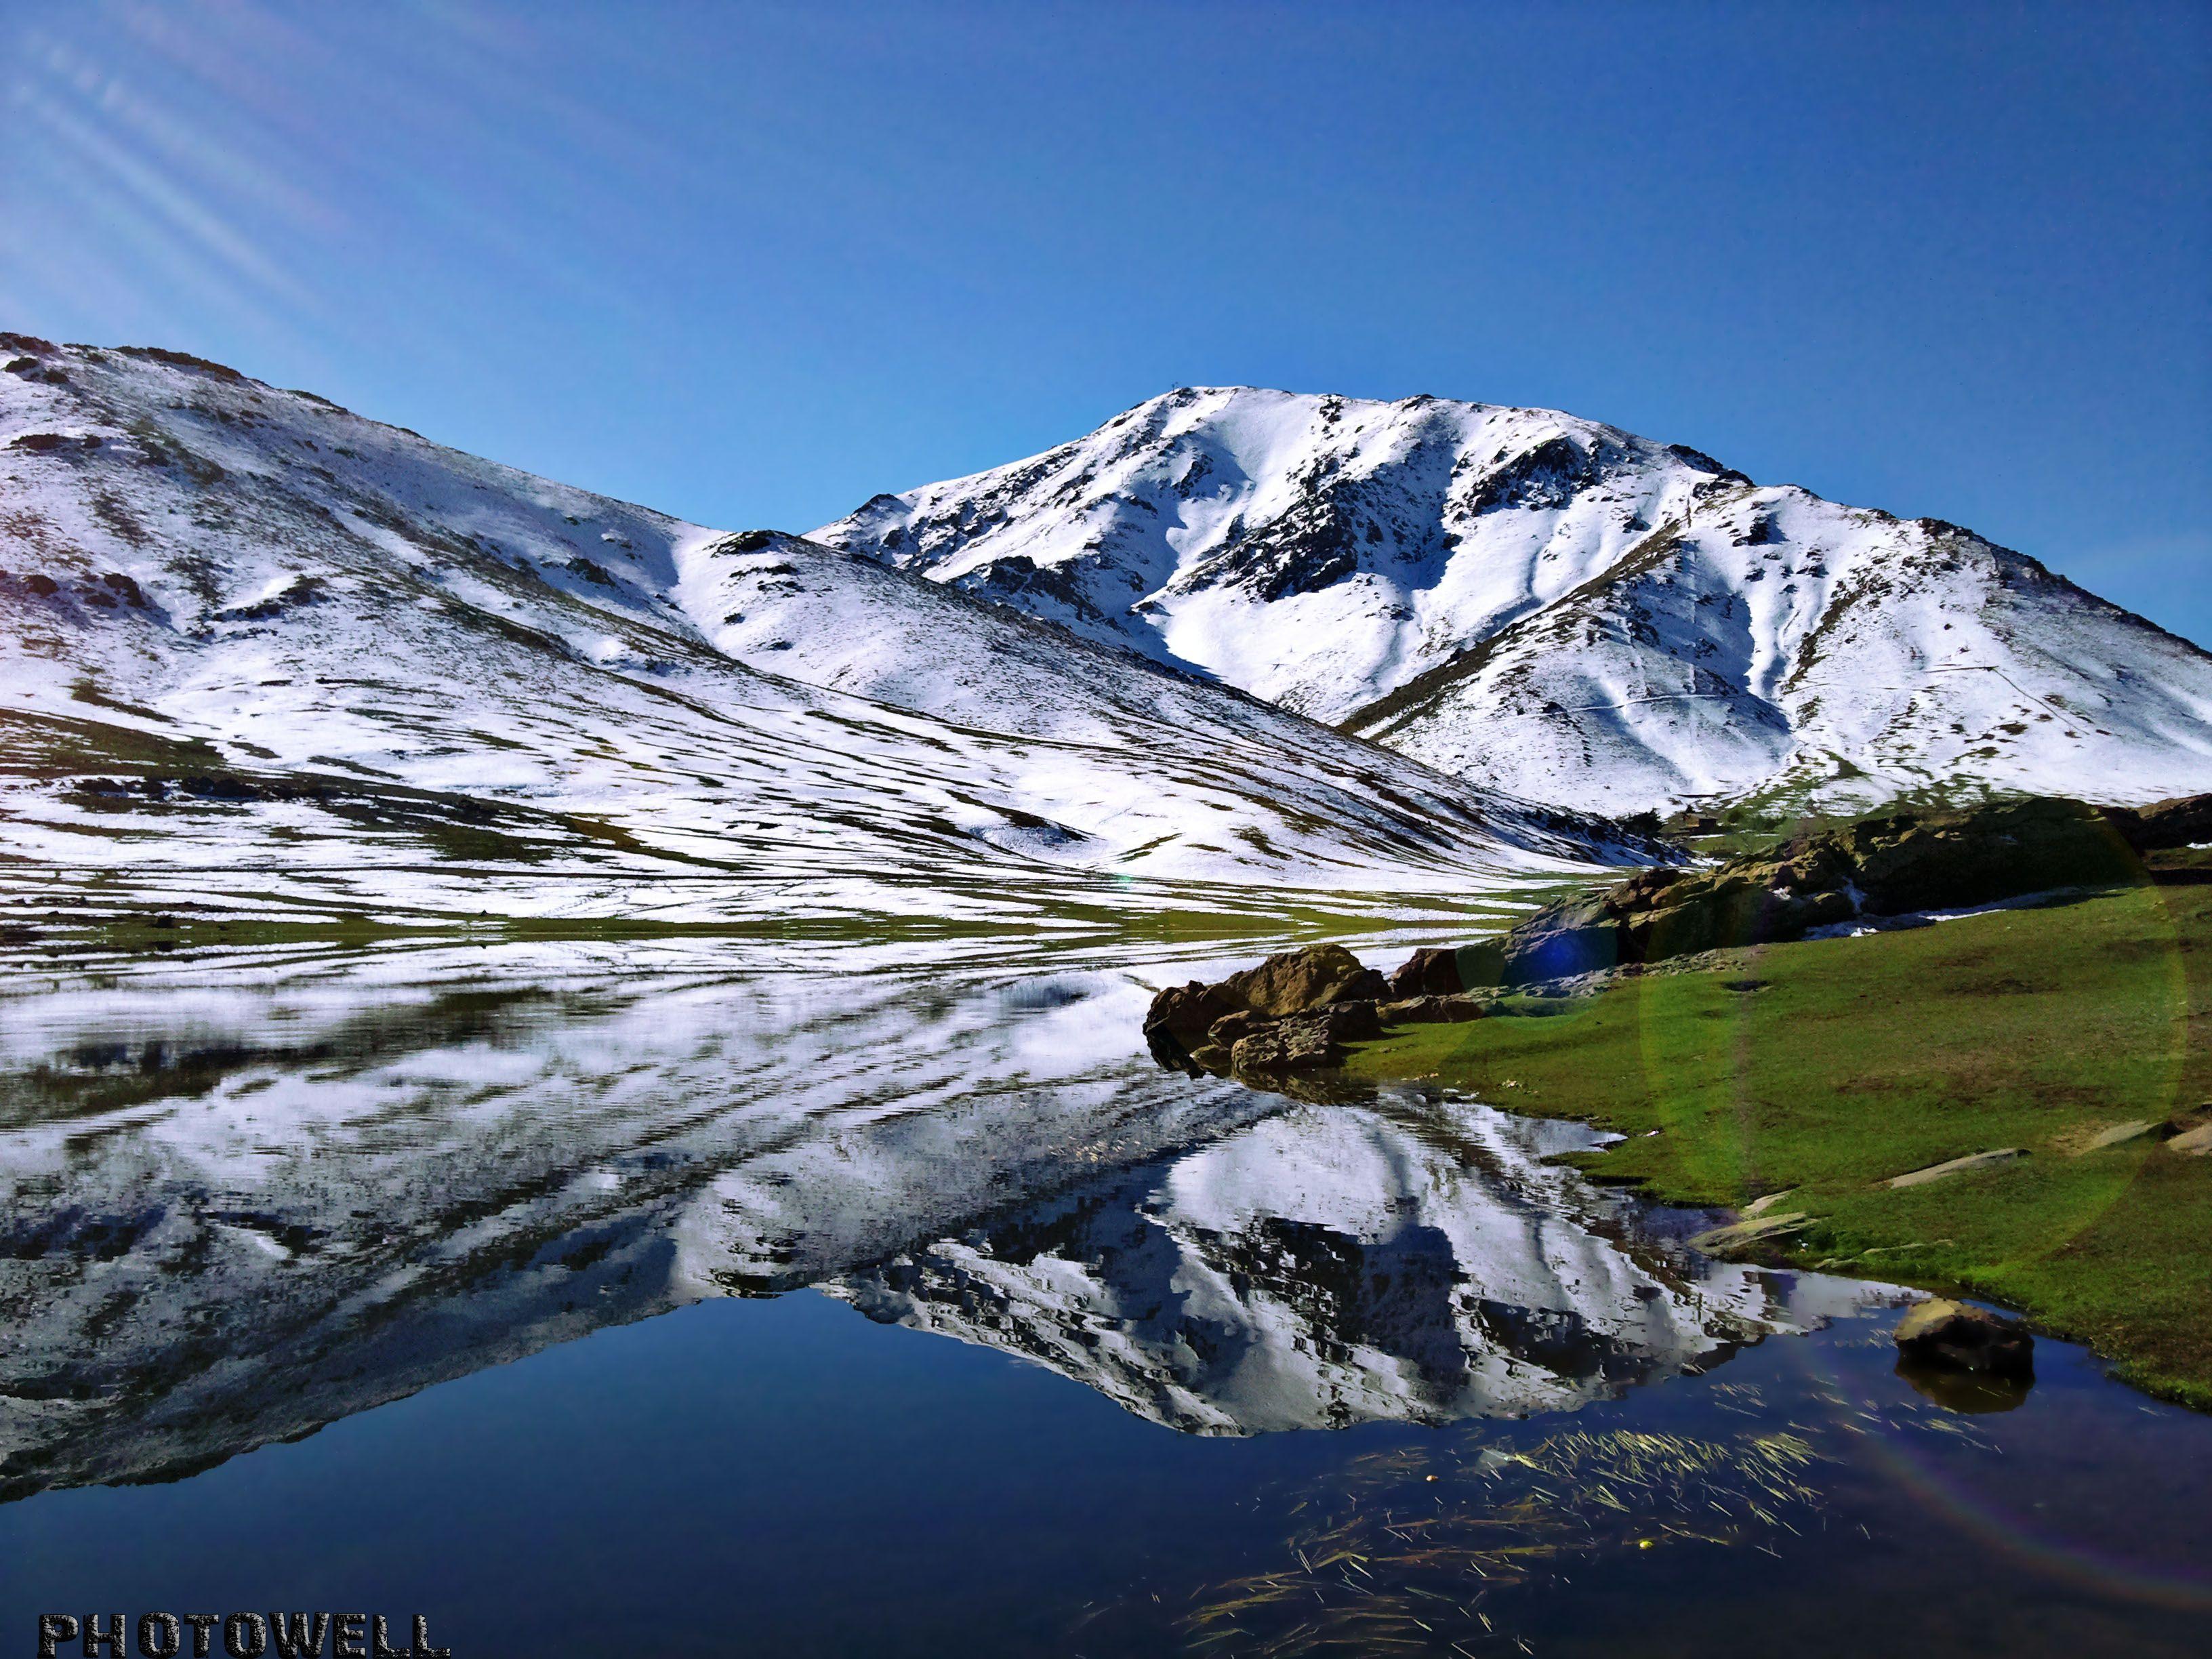 Fonds D Ecran Nature Montagnes Images Noir Et Blanc Montagnes